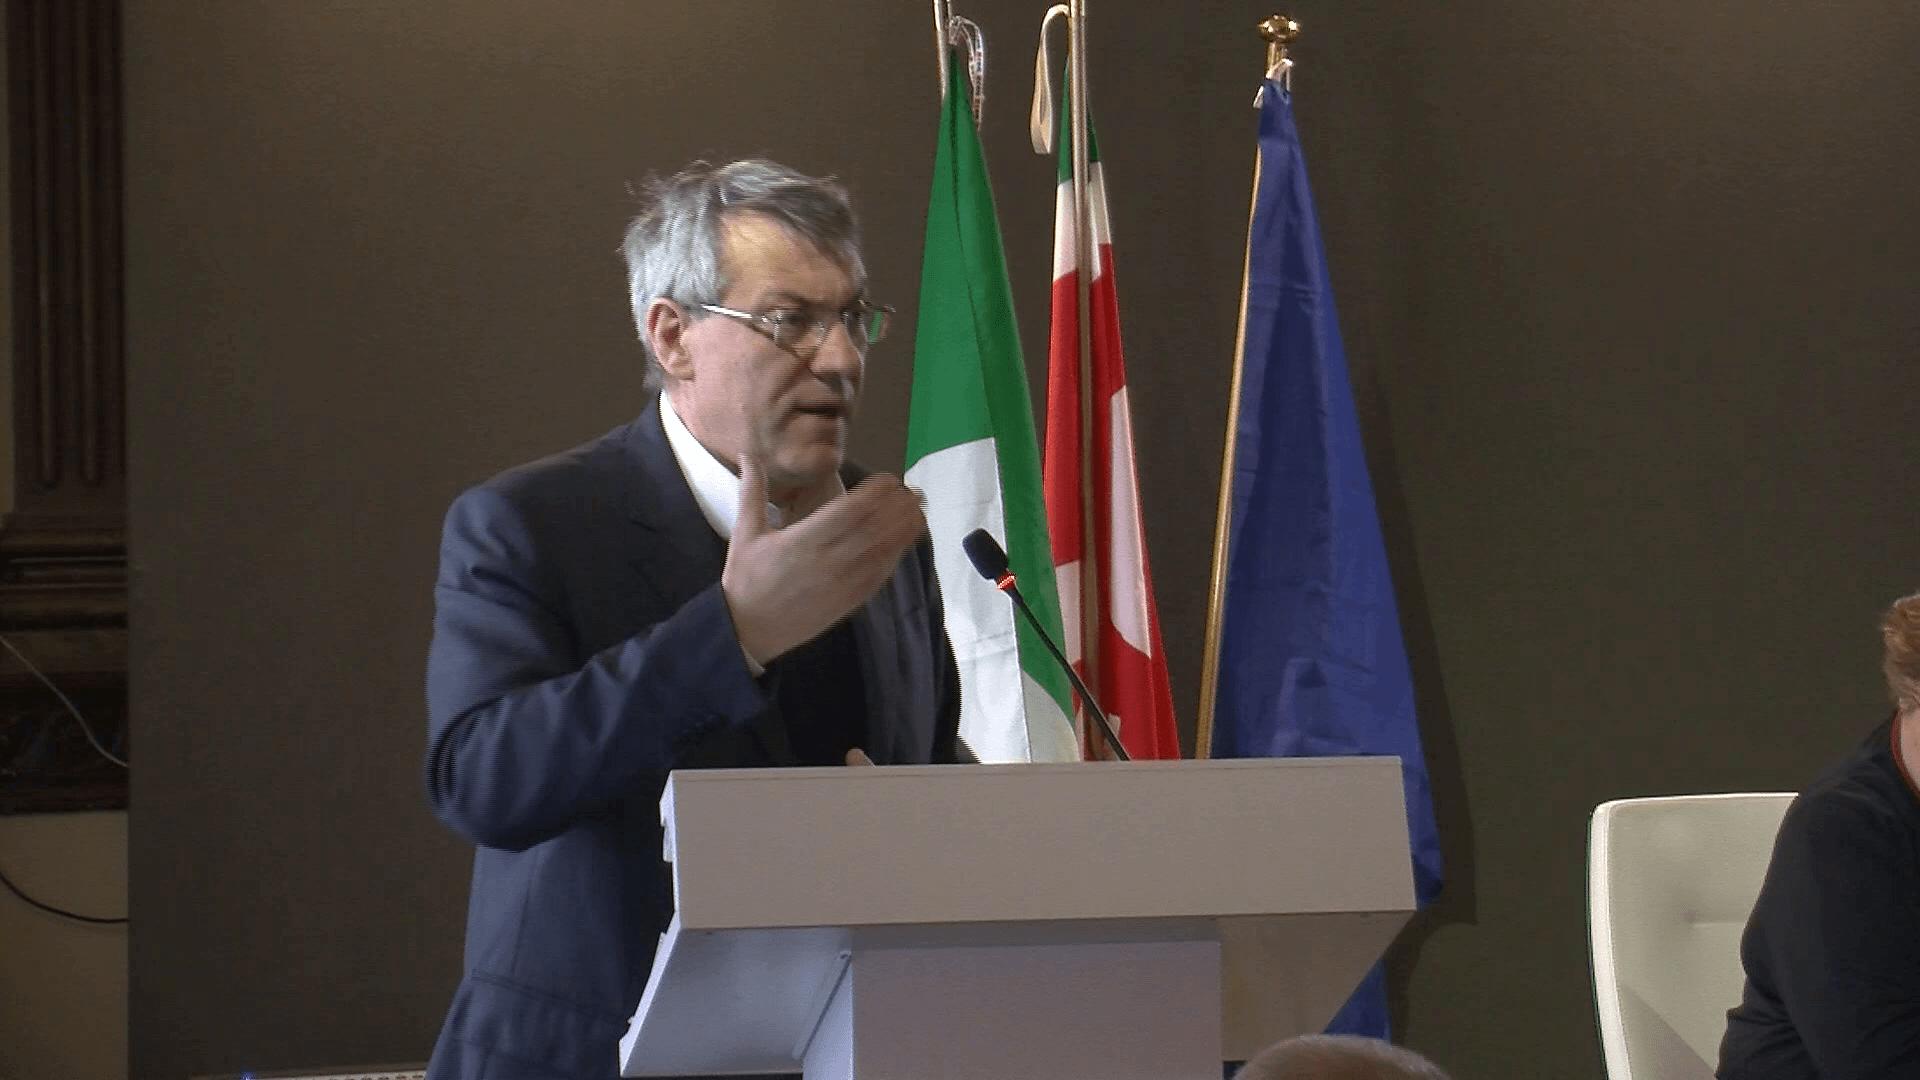 Riforma Pensioni 2019 ultime notizie oggi, Landini: 'Cambiare la Fornero è priorità'